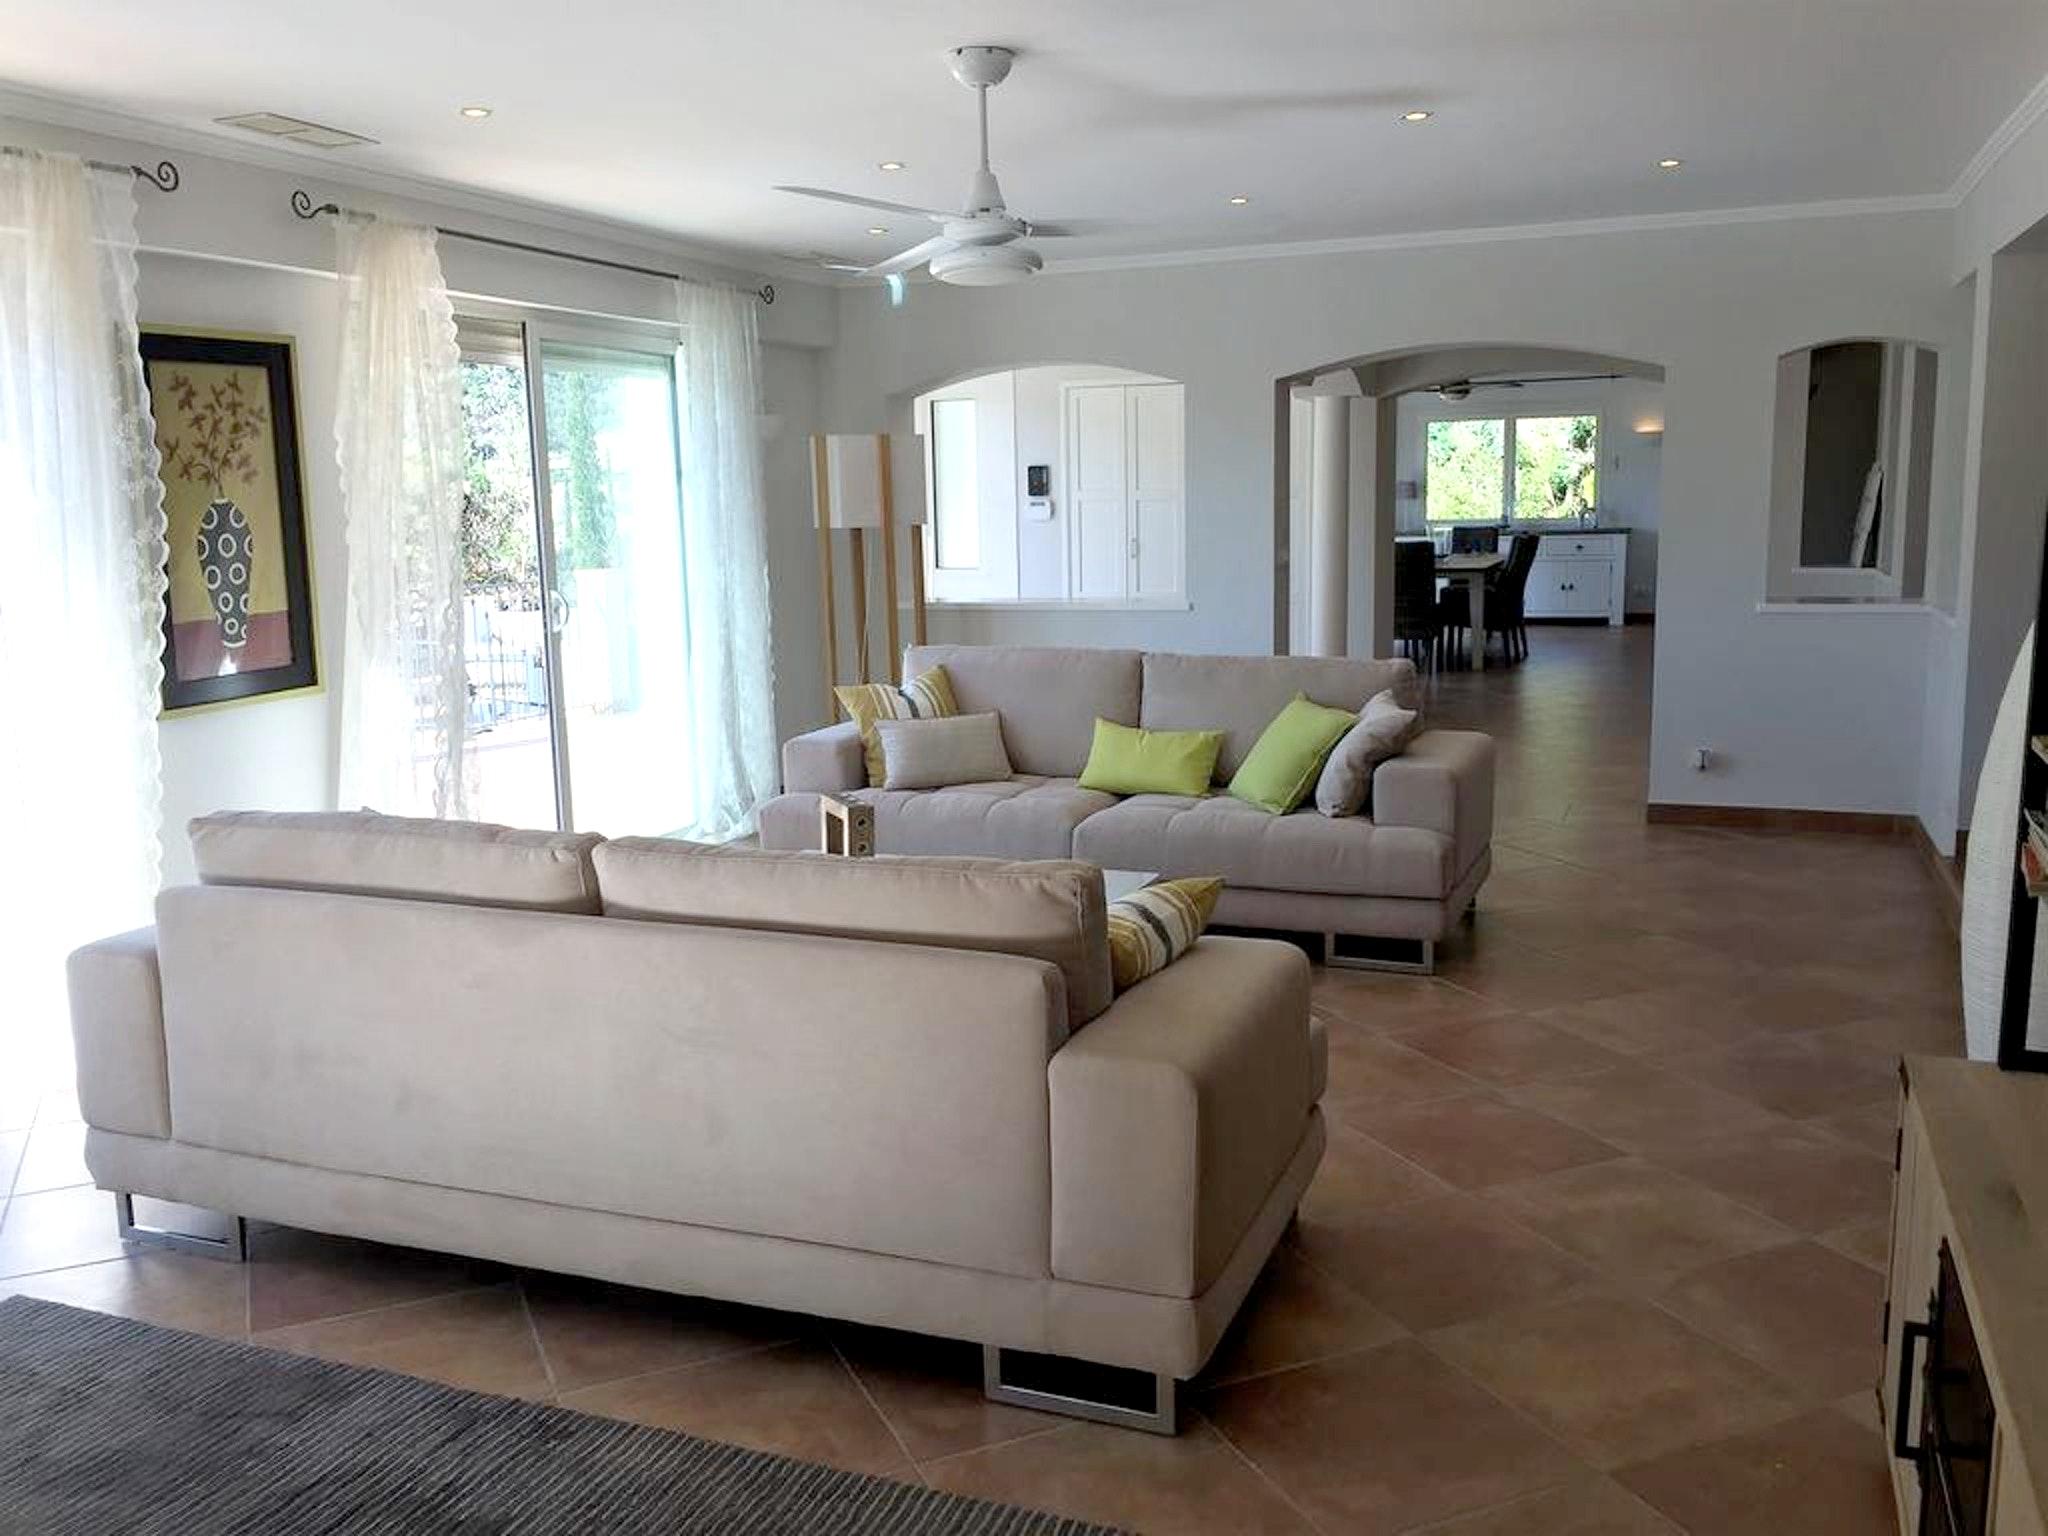 Maison de vacances Villa mit 5 Schlafzimmern in Rayol-Canadel-sur-Mer mit toller Aussicht auf die Berge, priv (2201555), Le Lavandou, Côte d'Azur, Provence - Alpes - Côte d'Azur, France, image 6